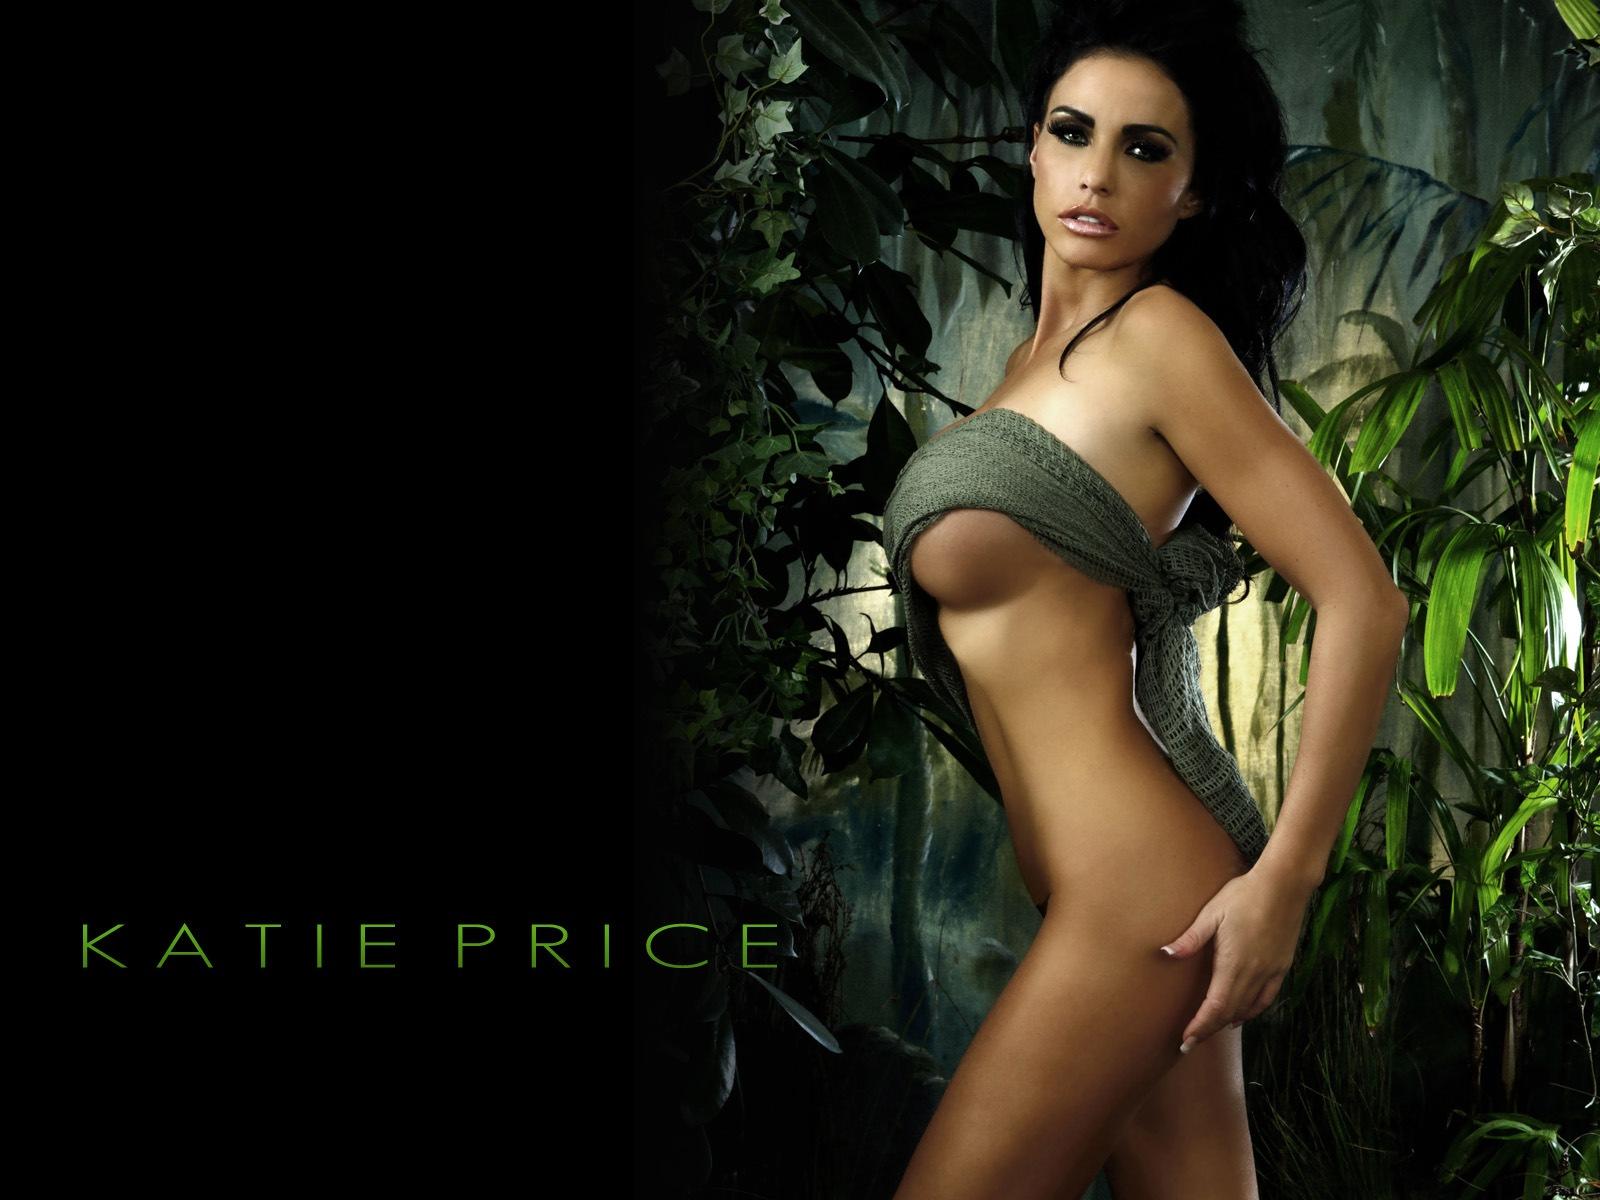 Katie Price Wallpapers